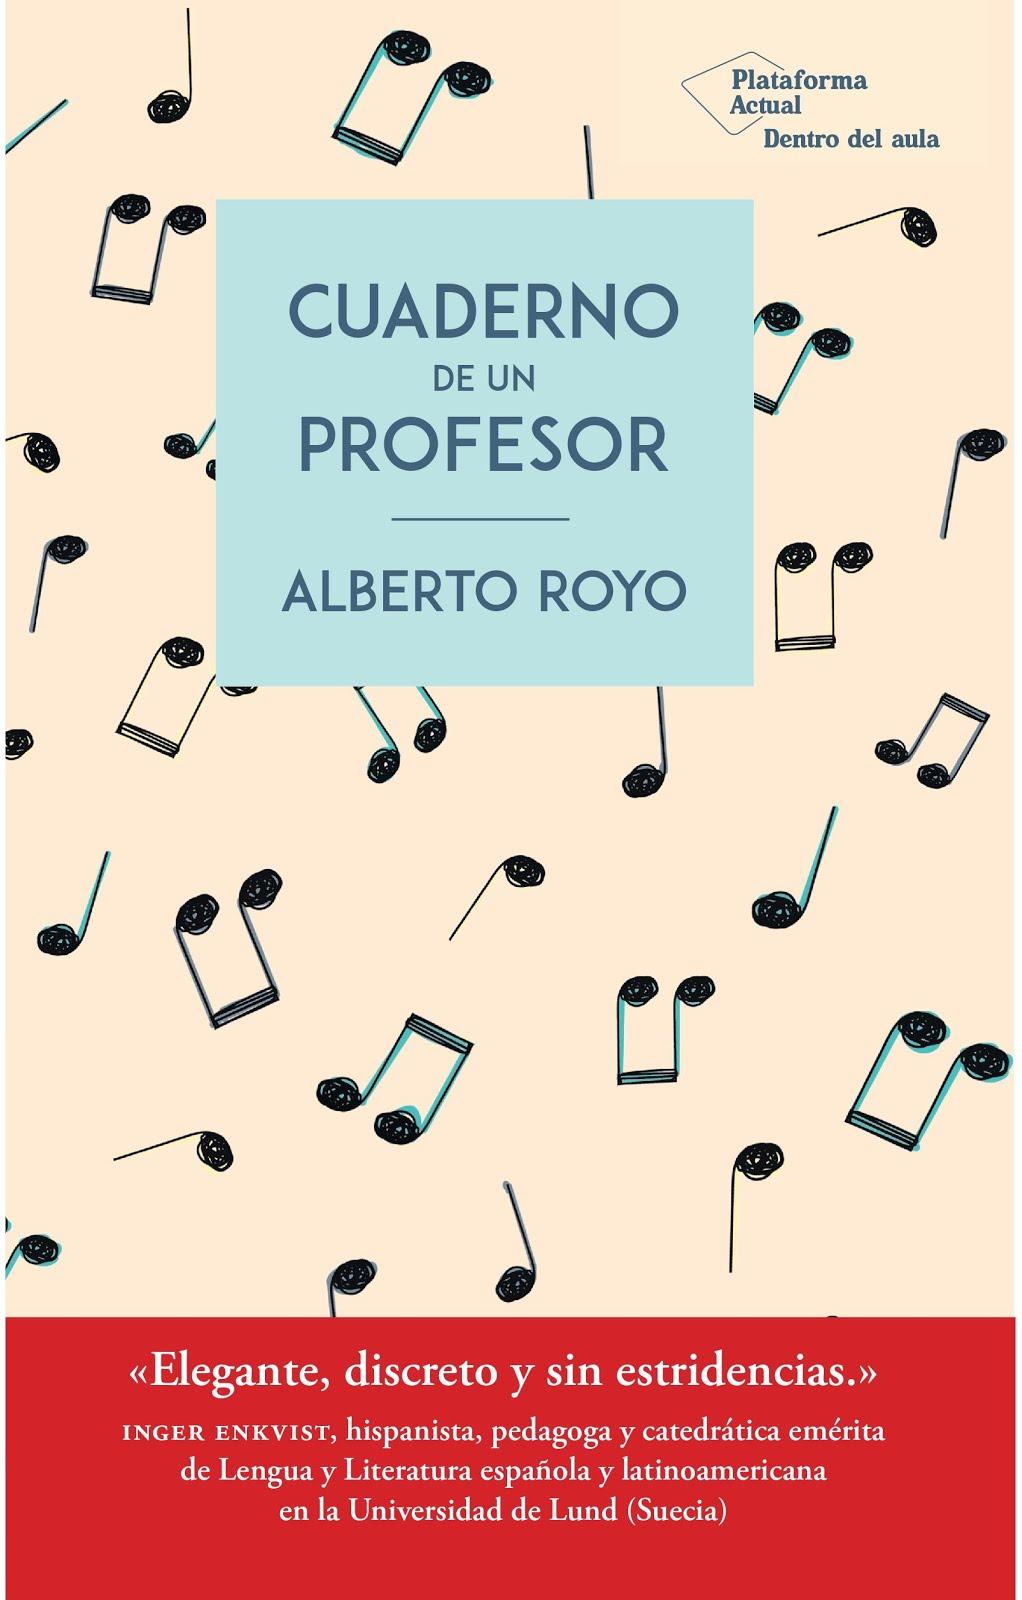 Cuaderno de un profesor (Plataforma. 2019)